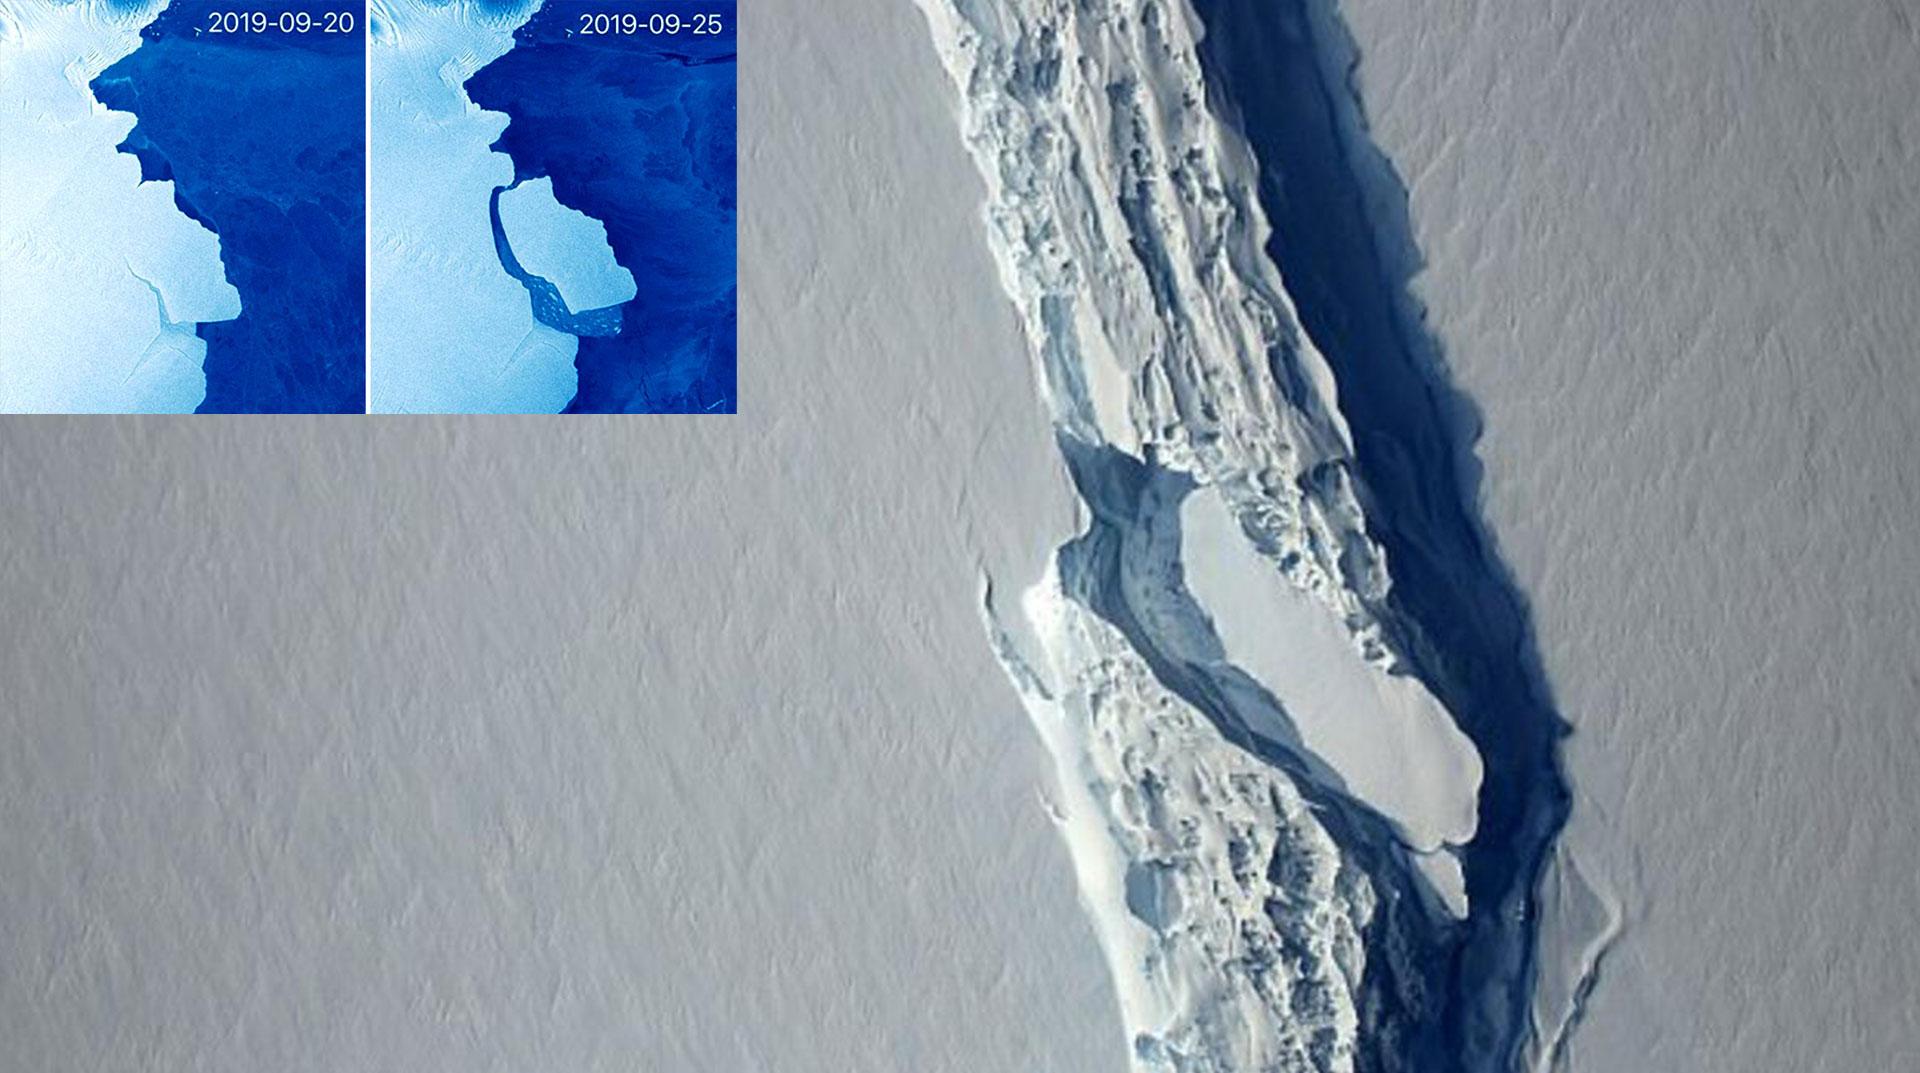 Son 50 Yılın En Büyük Buz Dağı Kopması Yaşandı